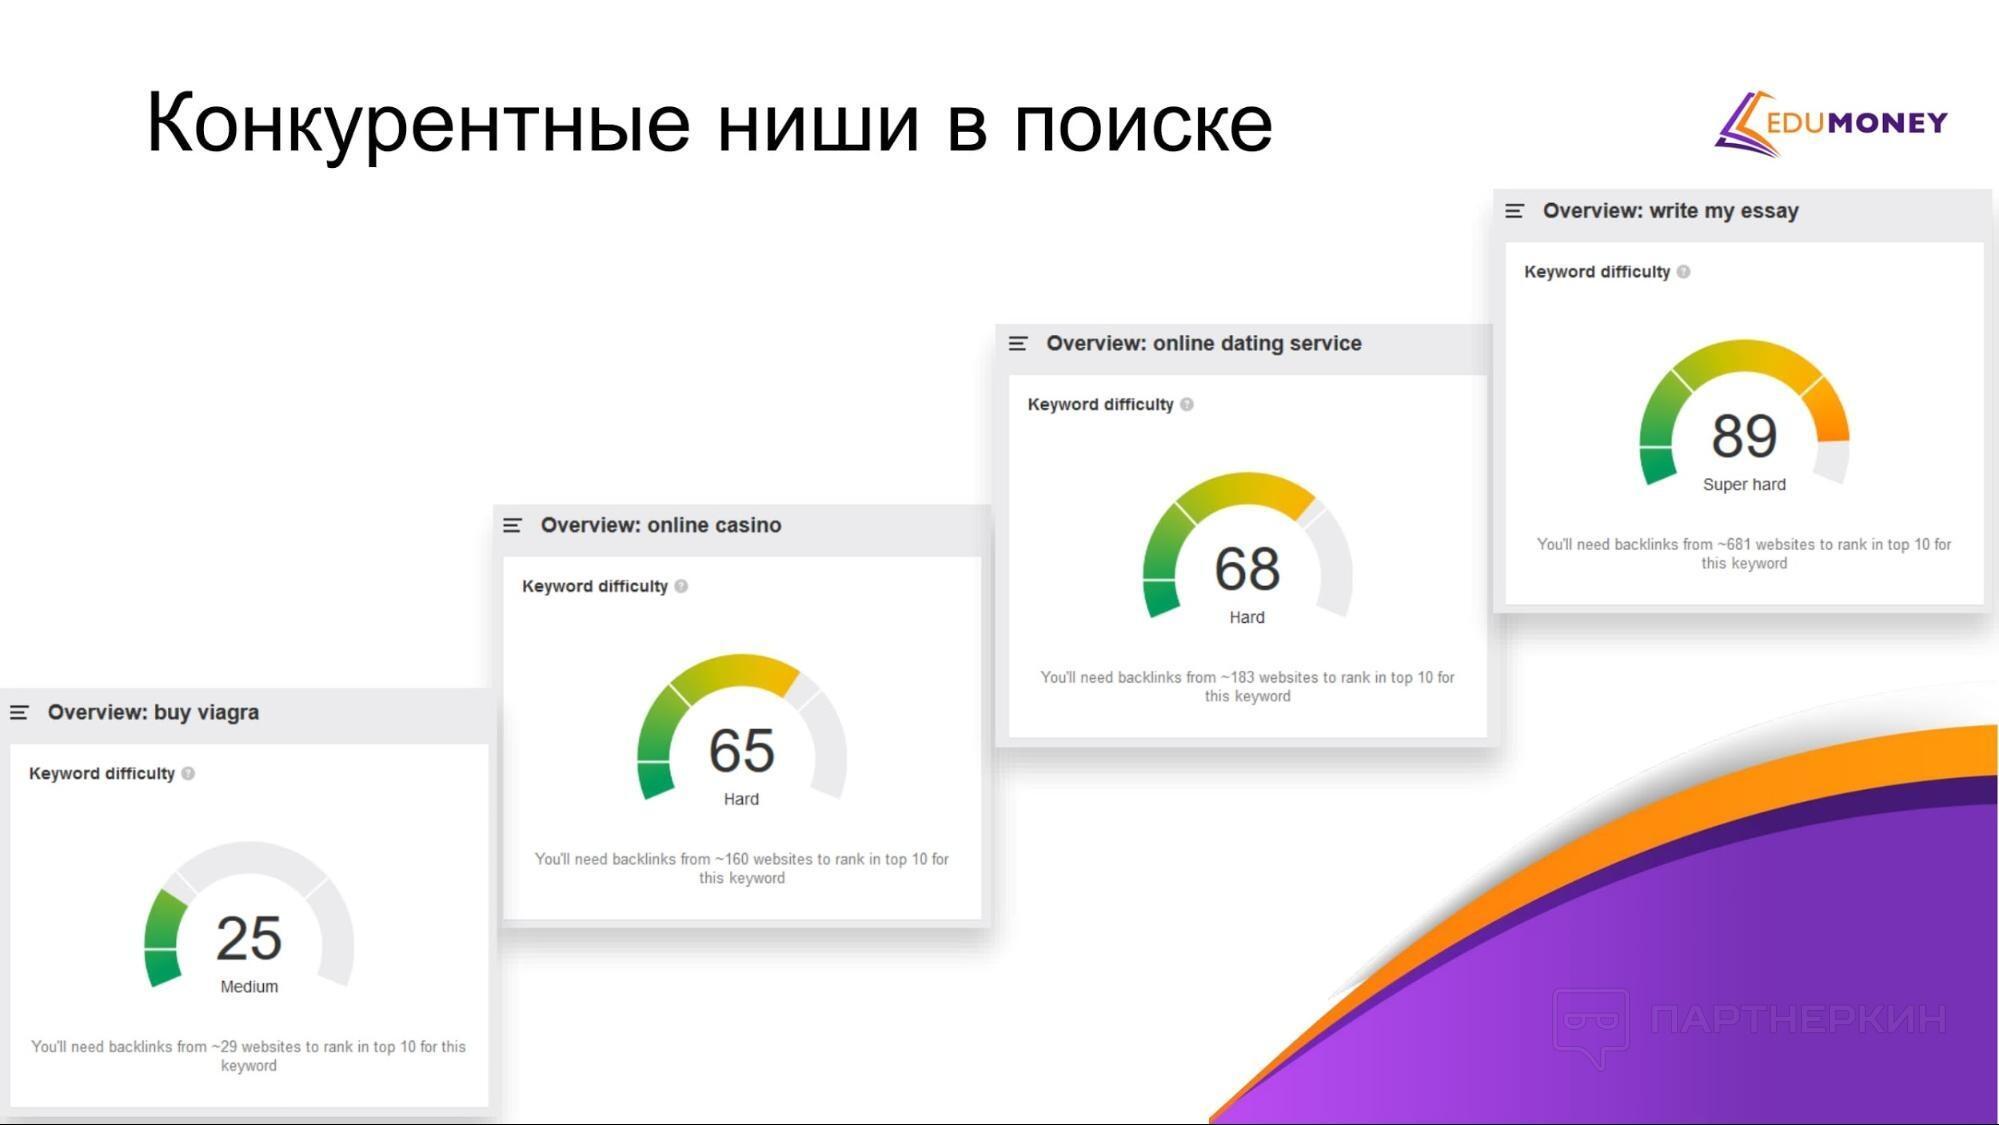 file_1553505870.jpg